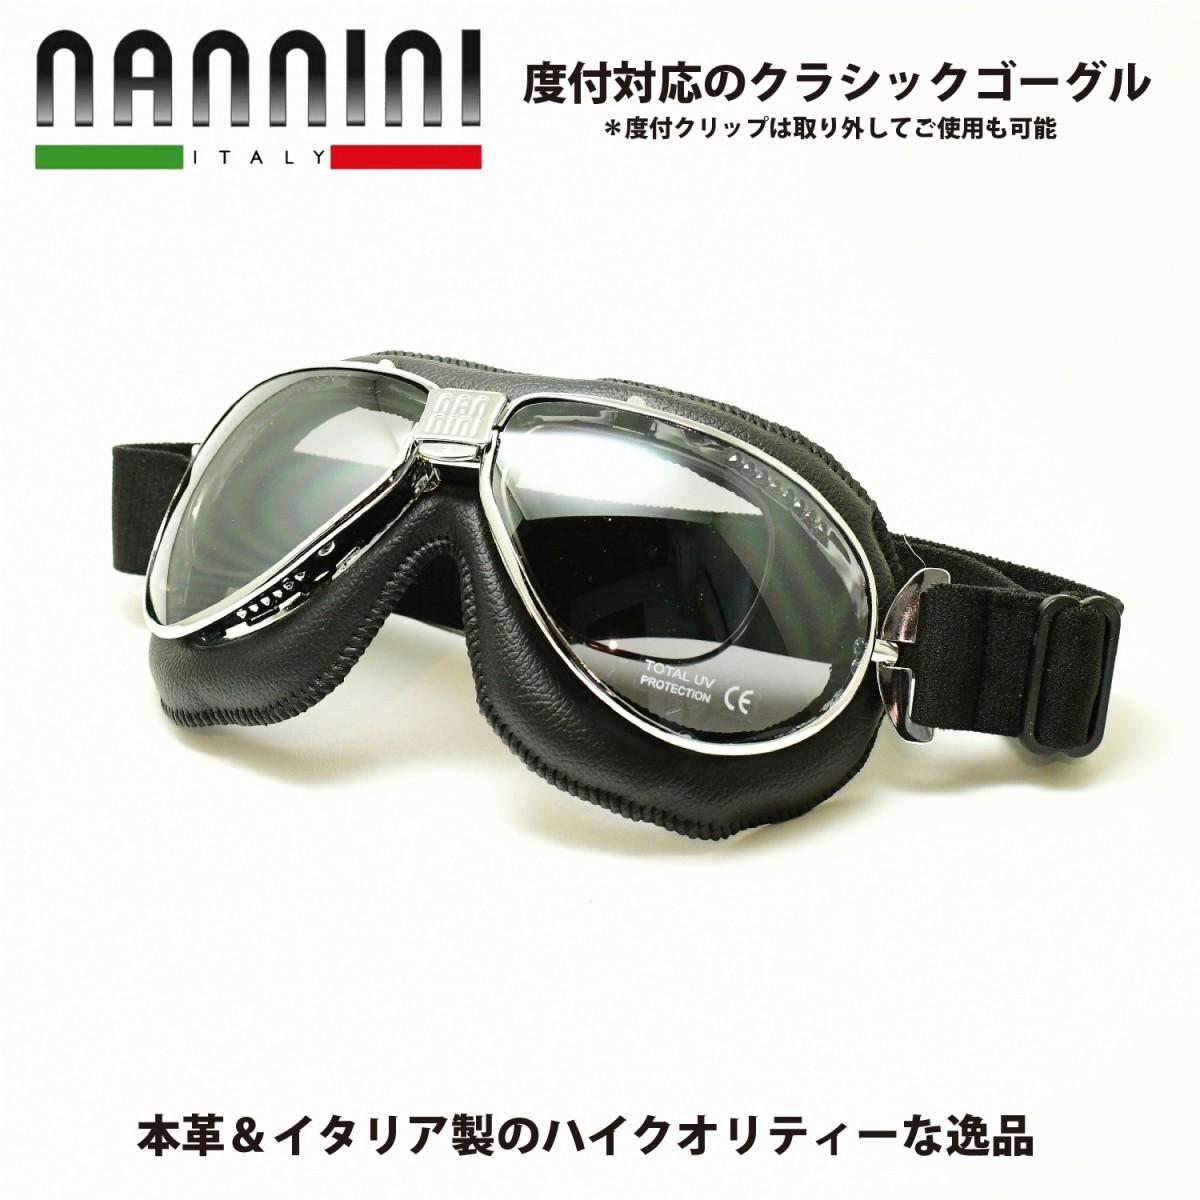 ナンニーニ【nannini】社製ゴーグルTT-860-4v-1150-6450(ティーティー4V四眼式)(クローム・ブラック/ライトグレー&シルバーミラー)